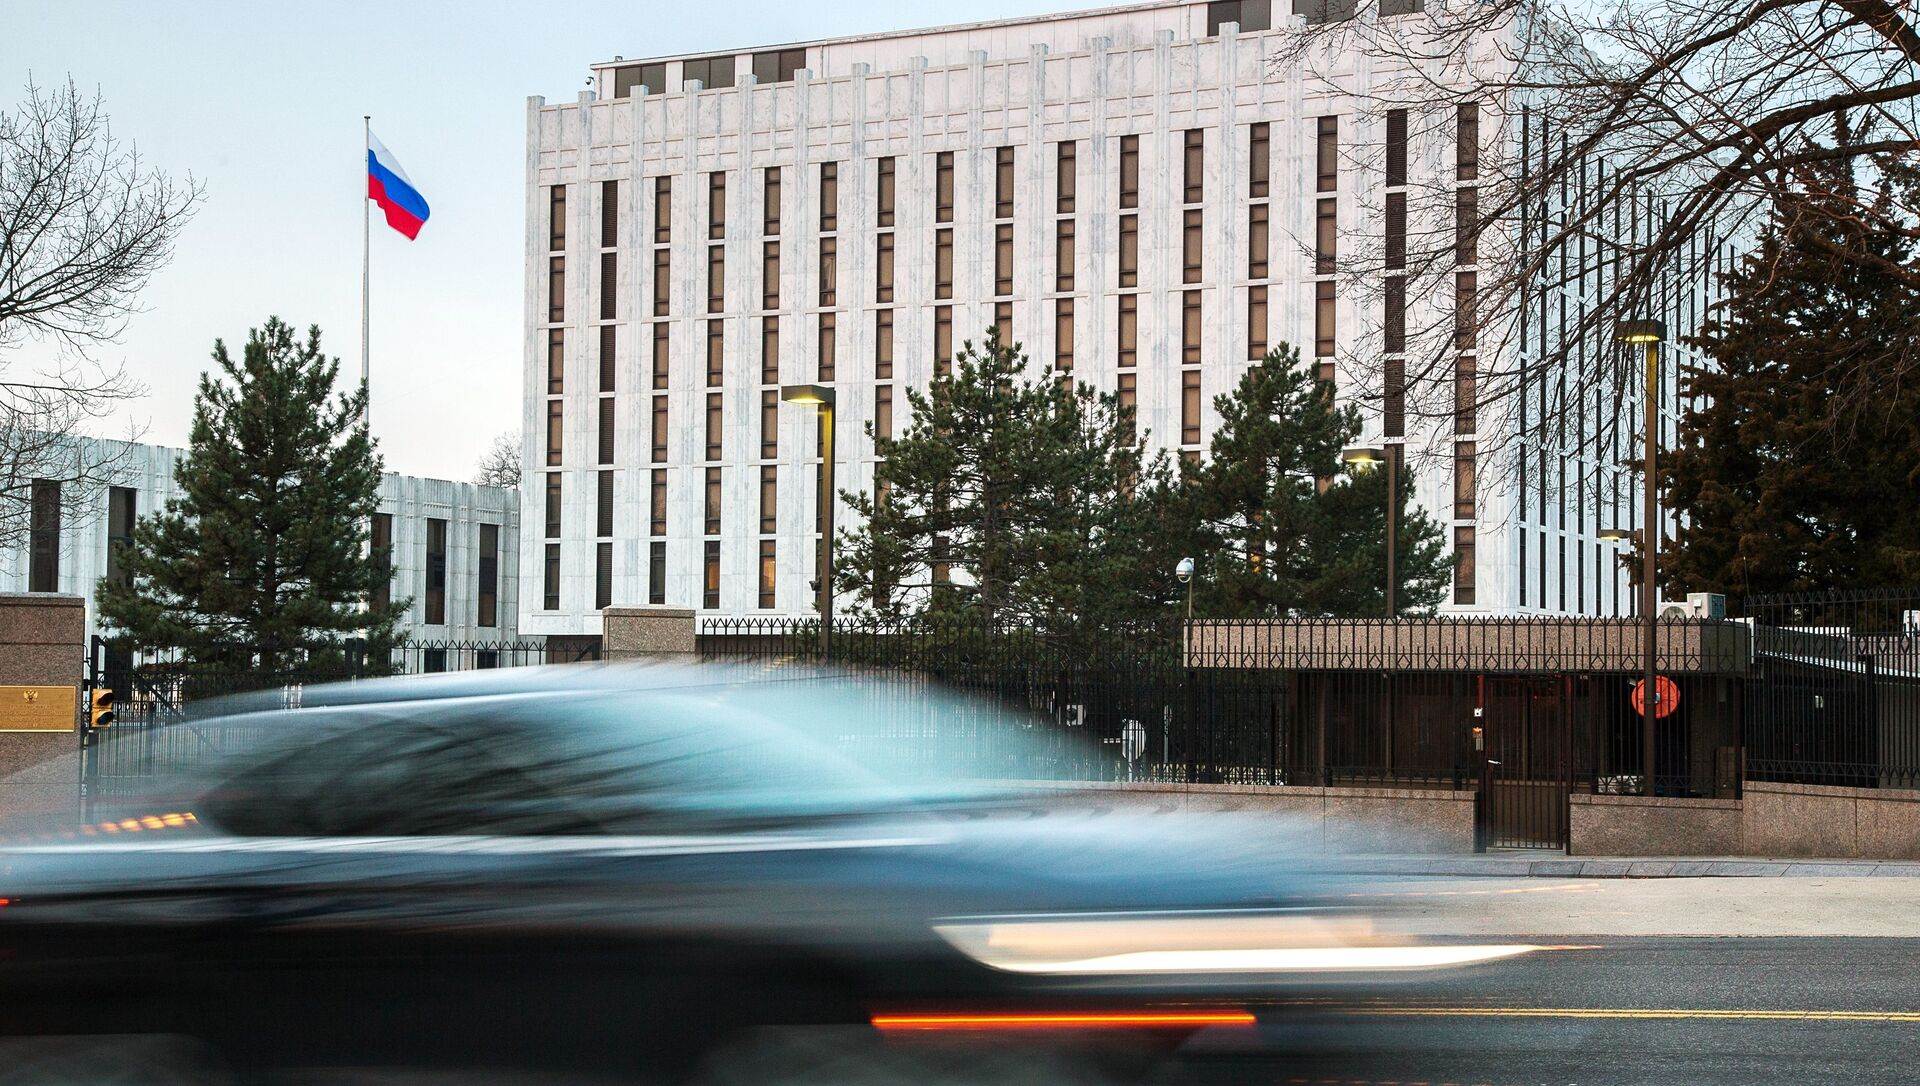 Ruské velvyslanectví ve Washingtonu - Sputnik Česká republika, 1920, 20.03.2021